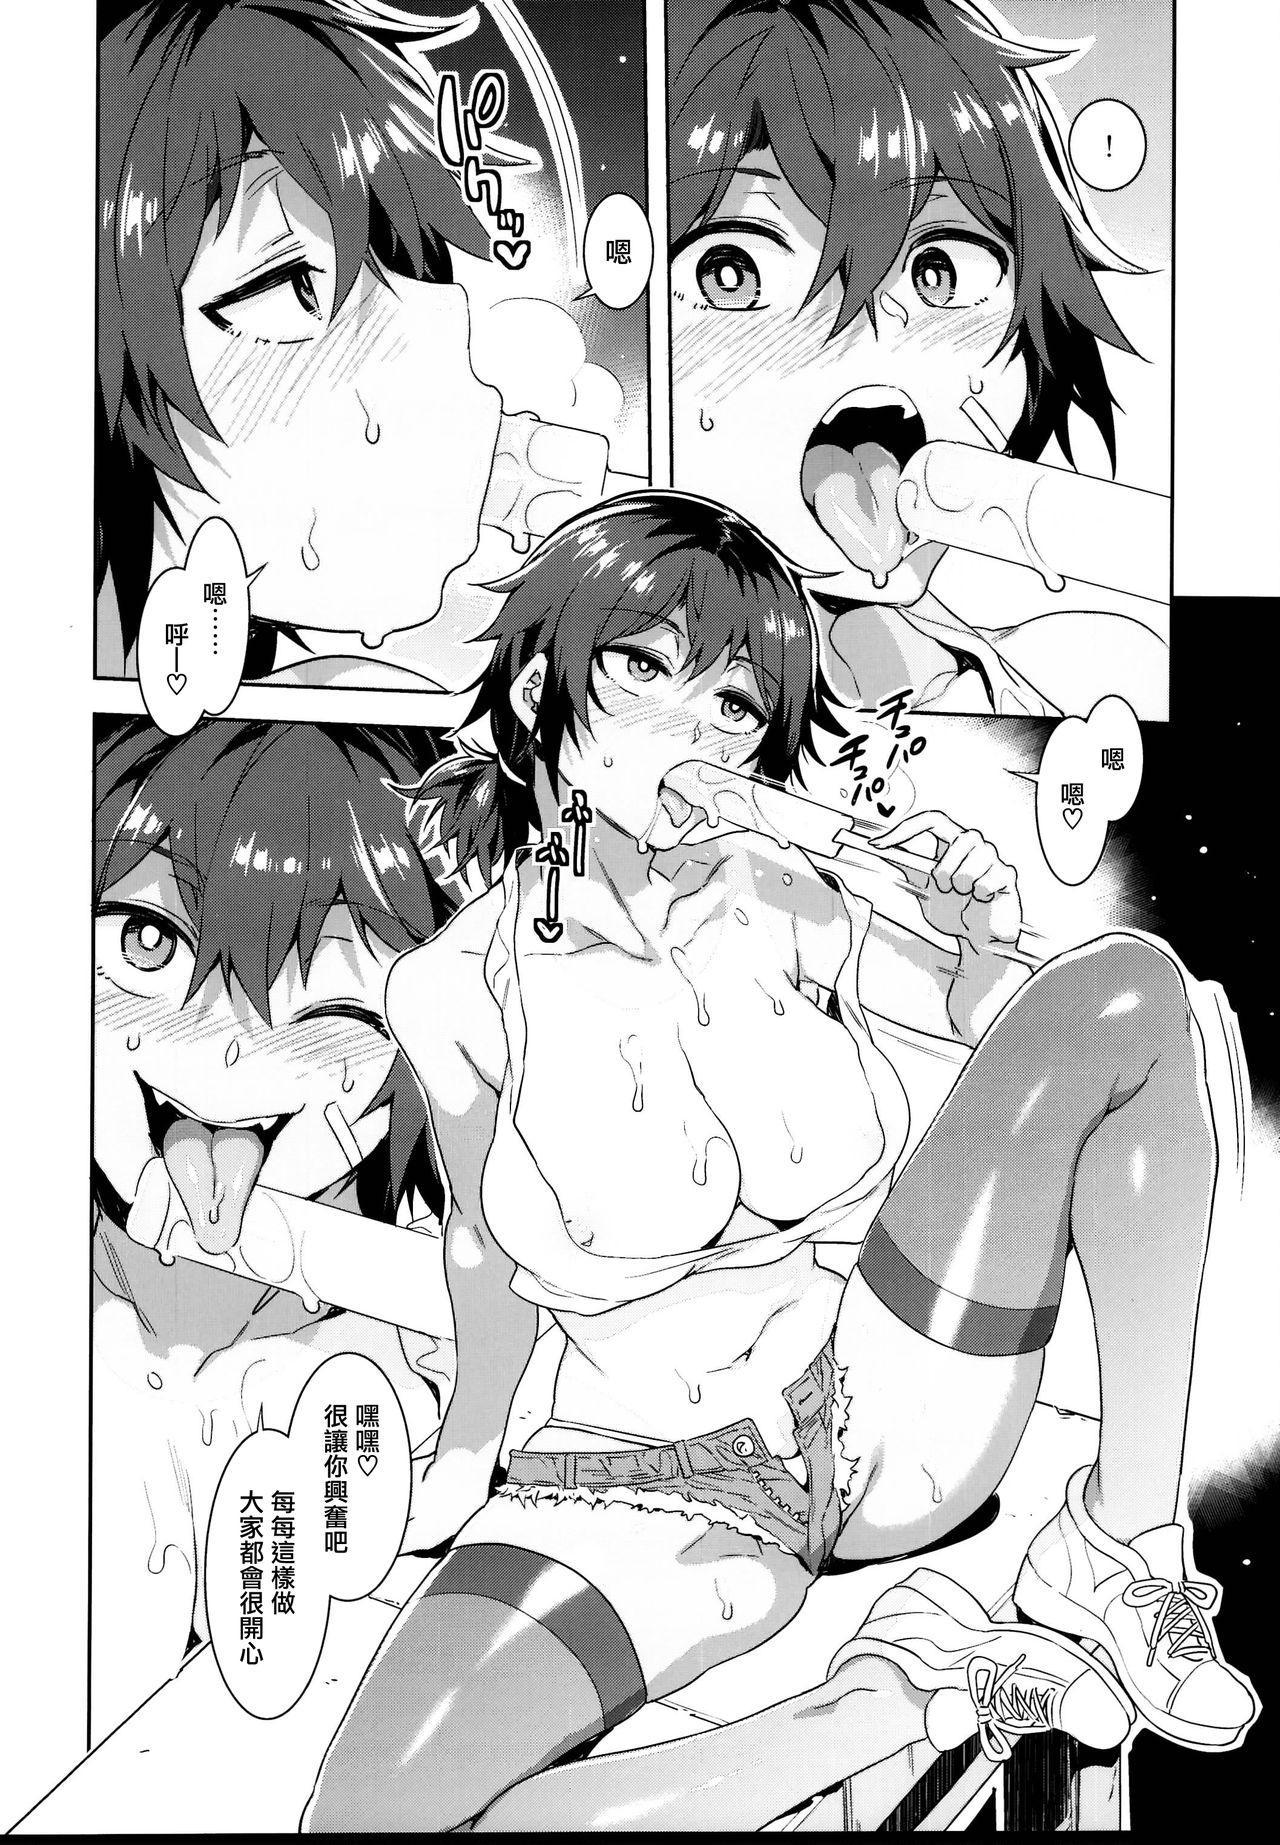 Teisou Kannen Zero no Onna Tomodachi 9